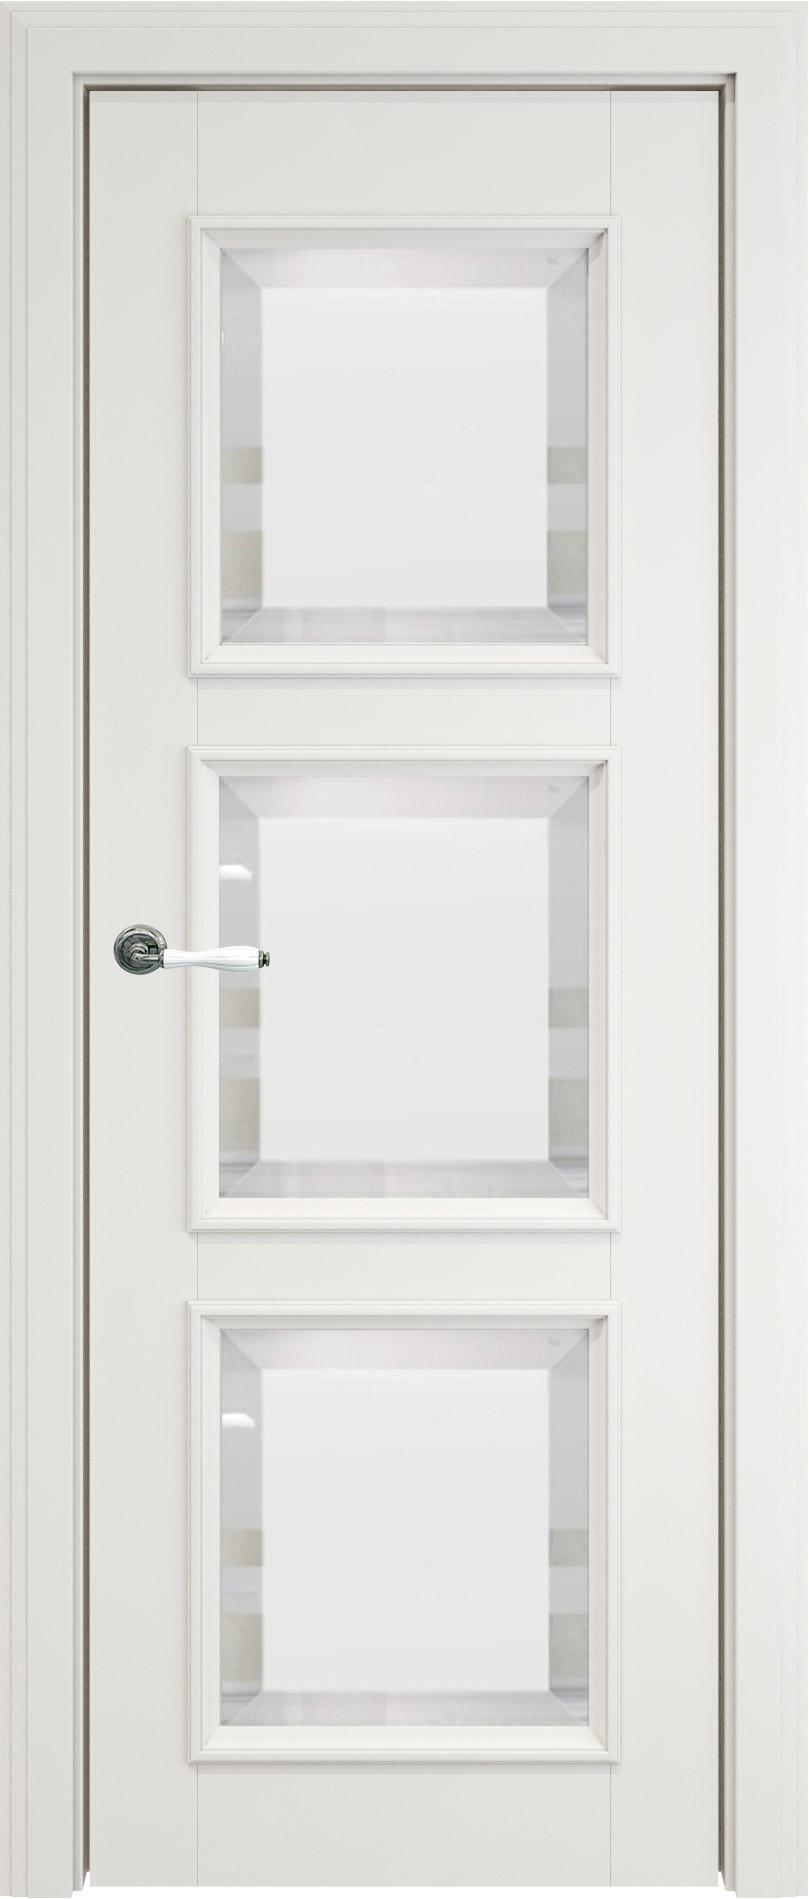 Milano LUX цвет - Белая эмаль (RAL 9003) Со стеклом (ДО)